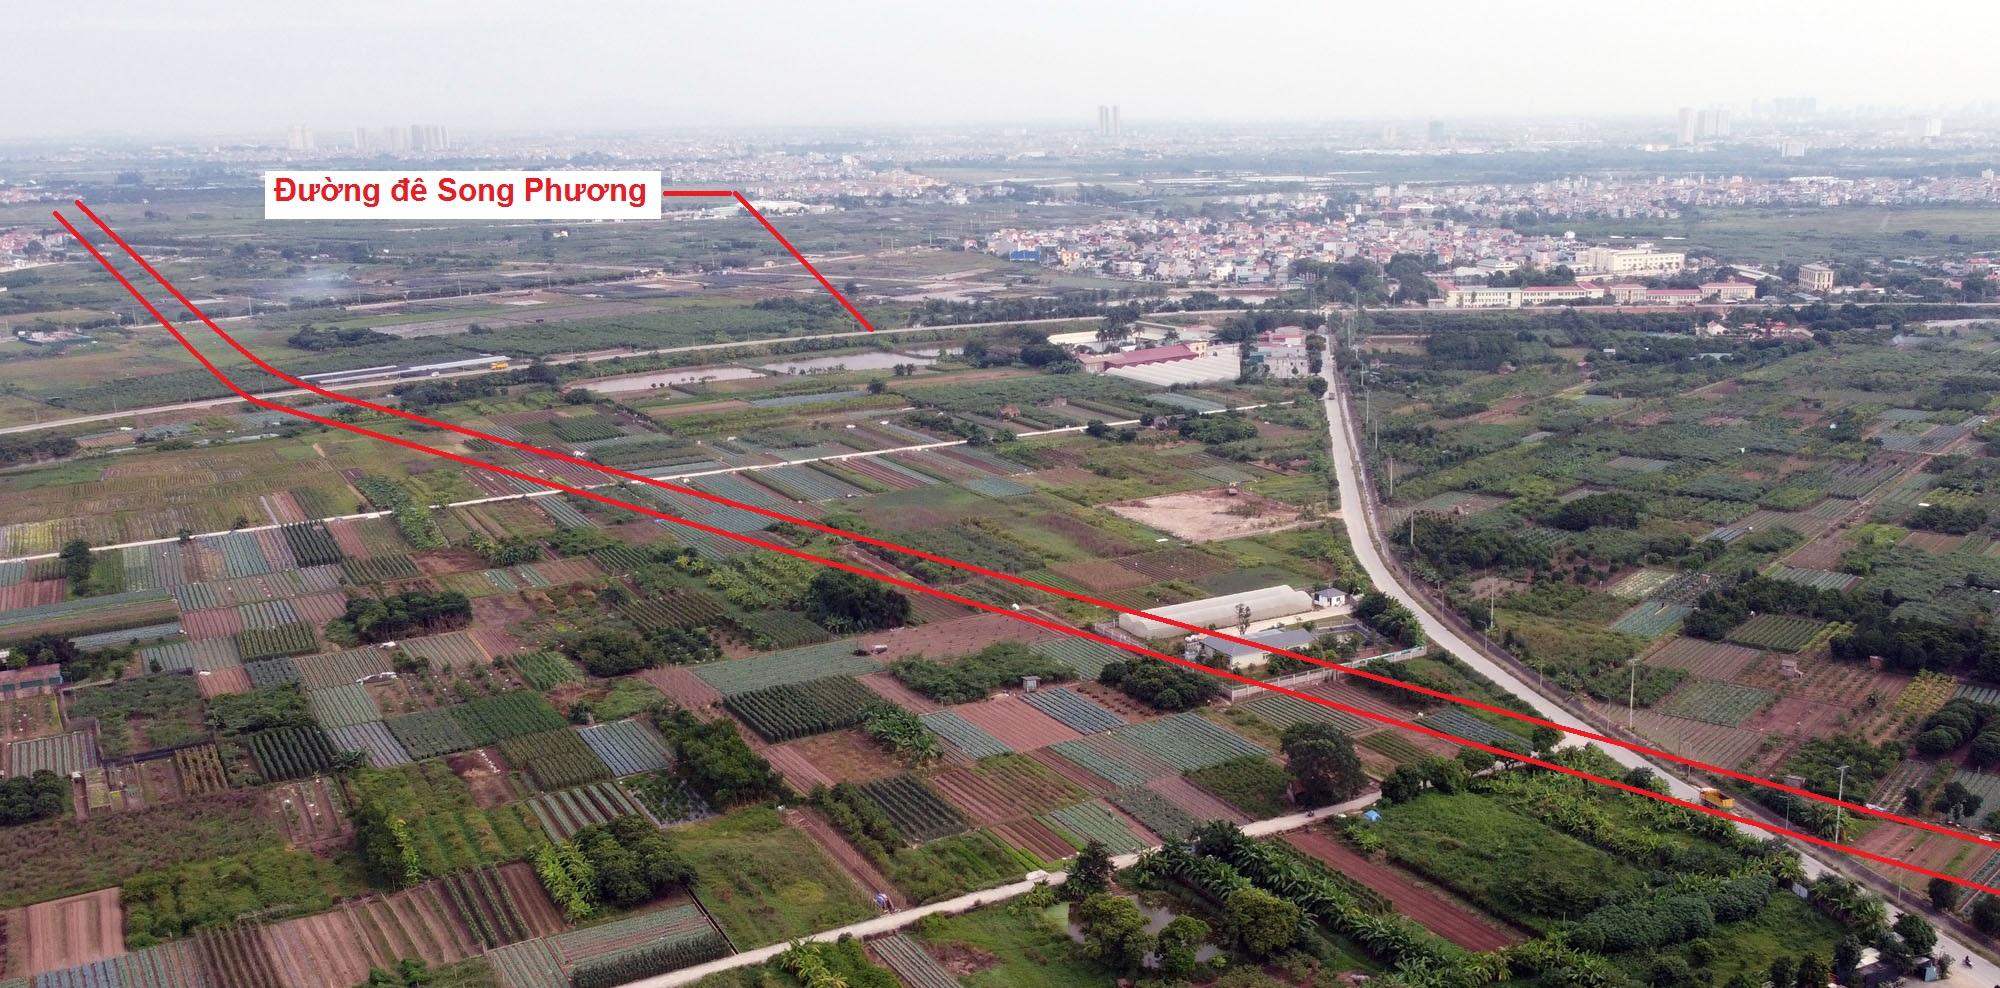 Ba đường sẽ mở theo quy hoạch ở xã Song Phương, Hoài Đức, Hà Nội - Ảnh 5.